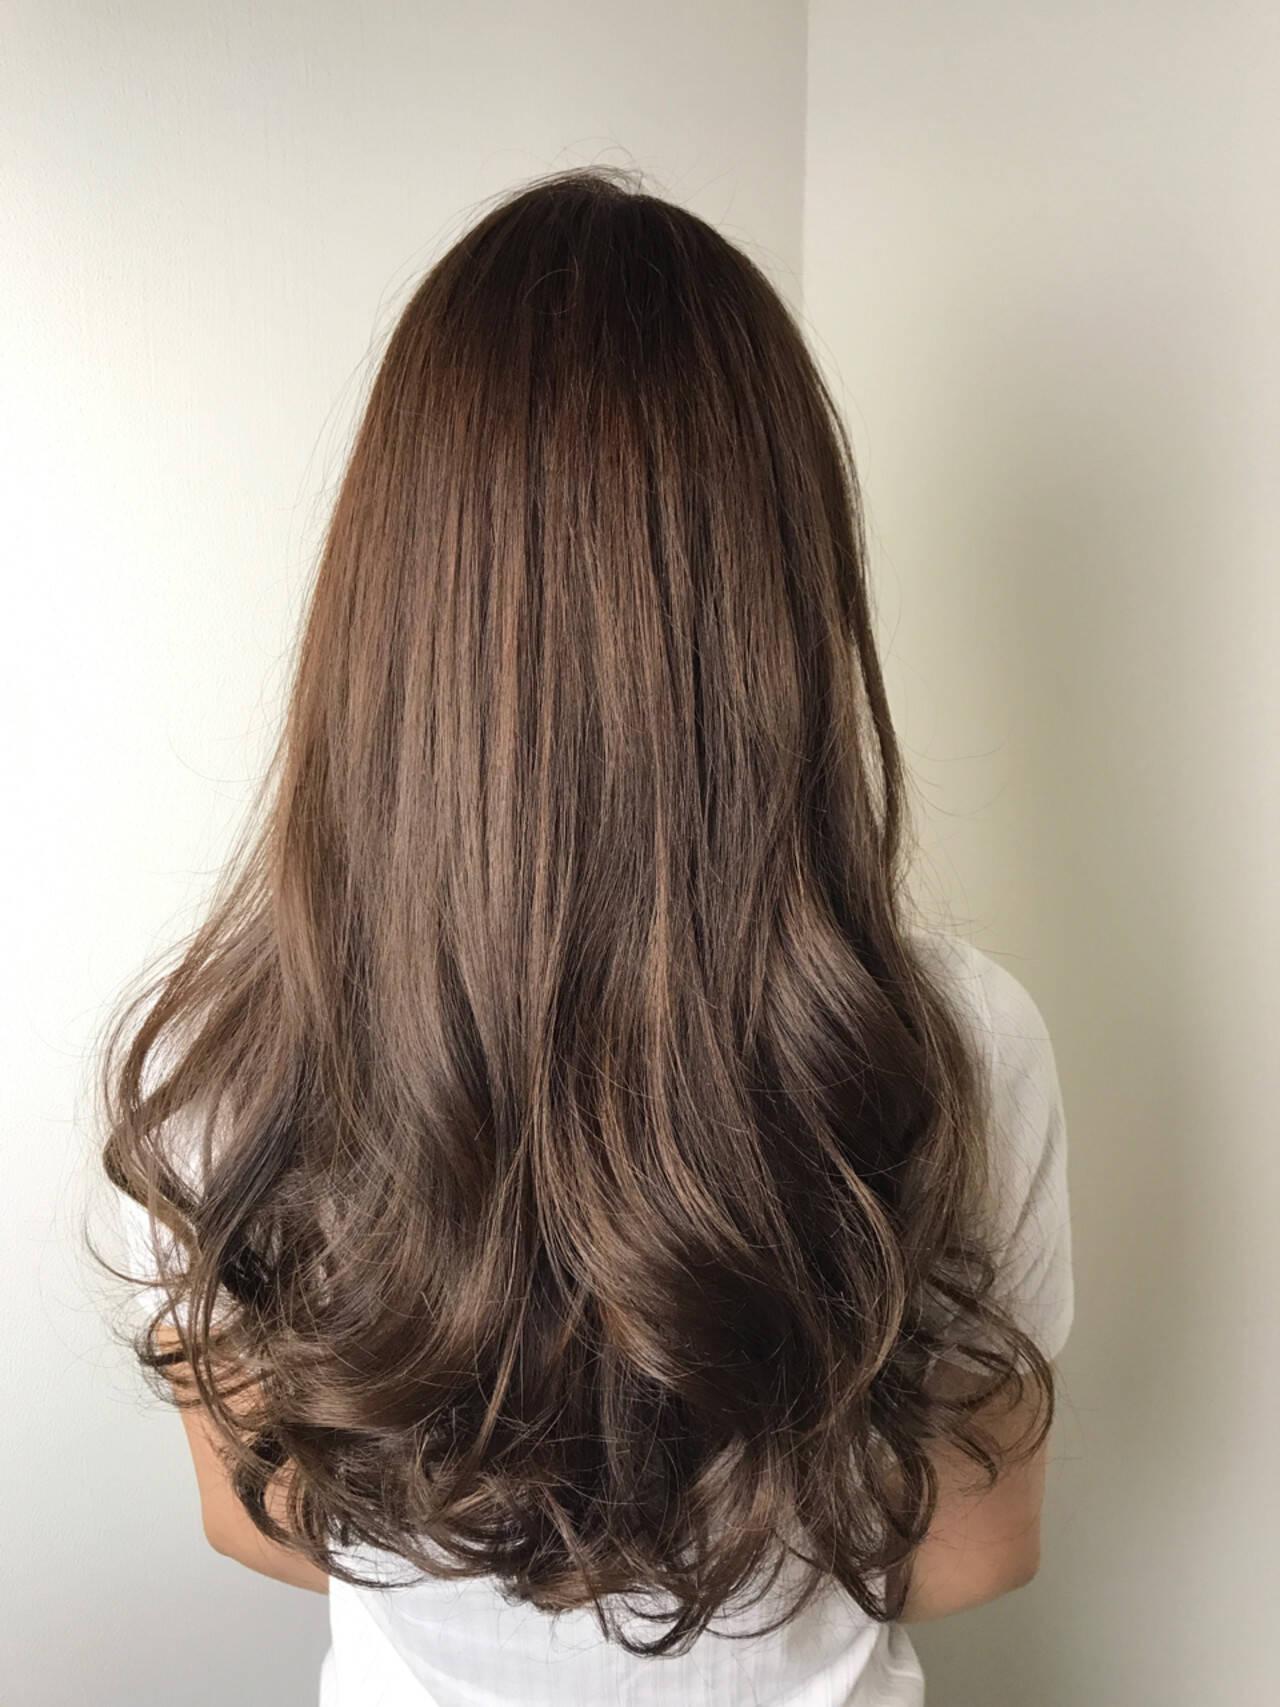 ピンク エレガント ベージュ ロングヘアスタイルや髪型の写真・画像